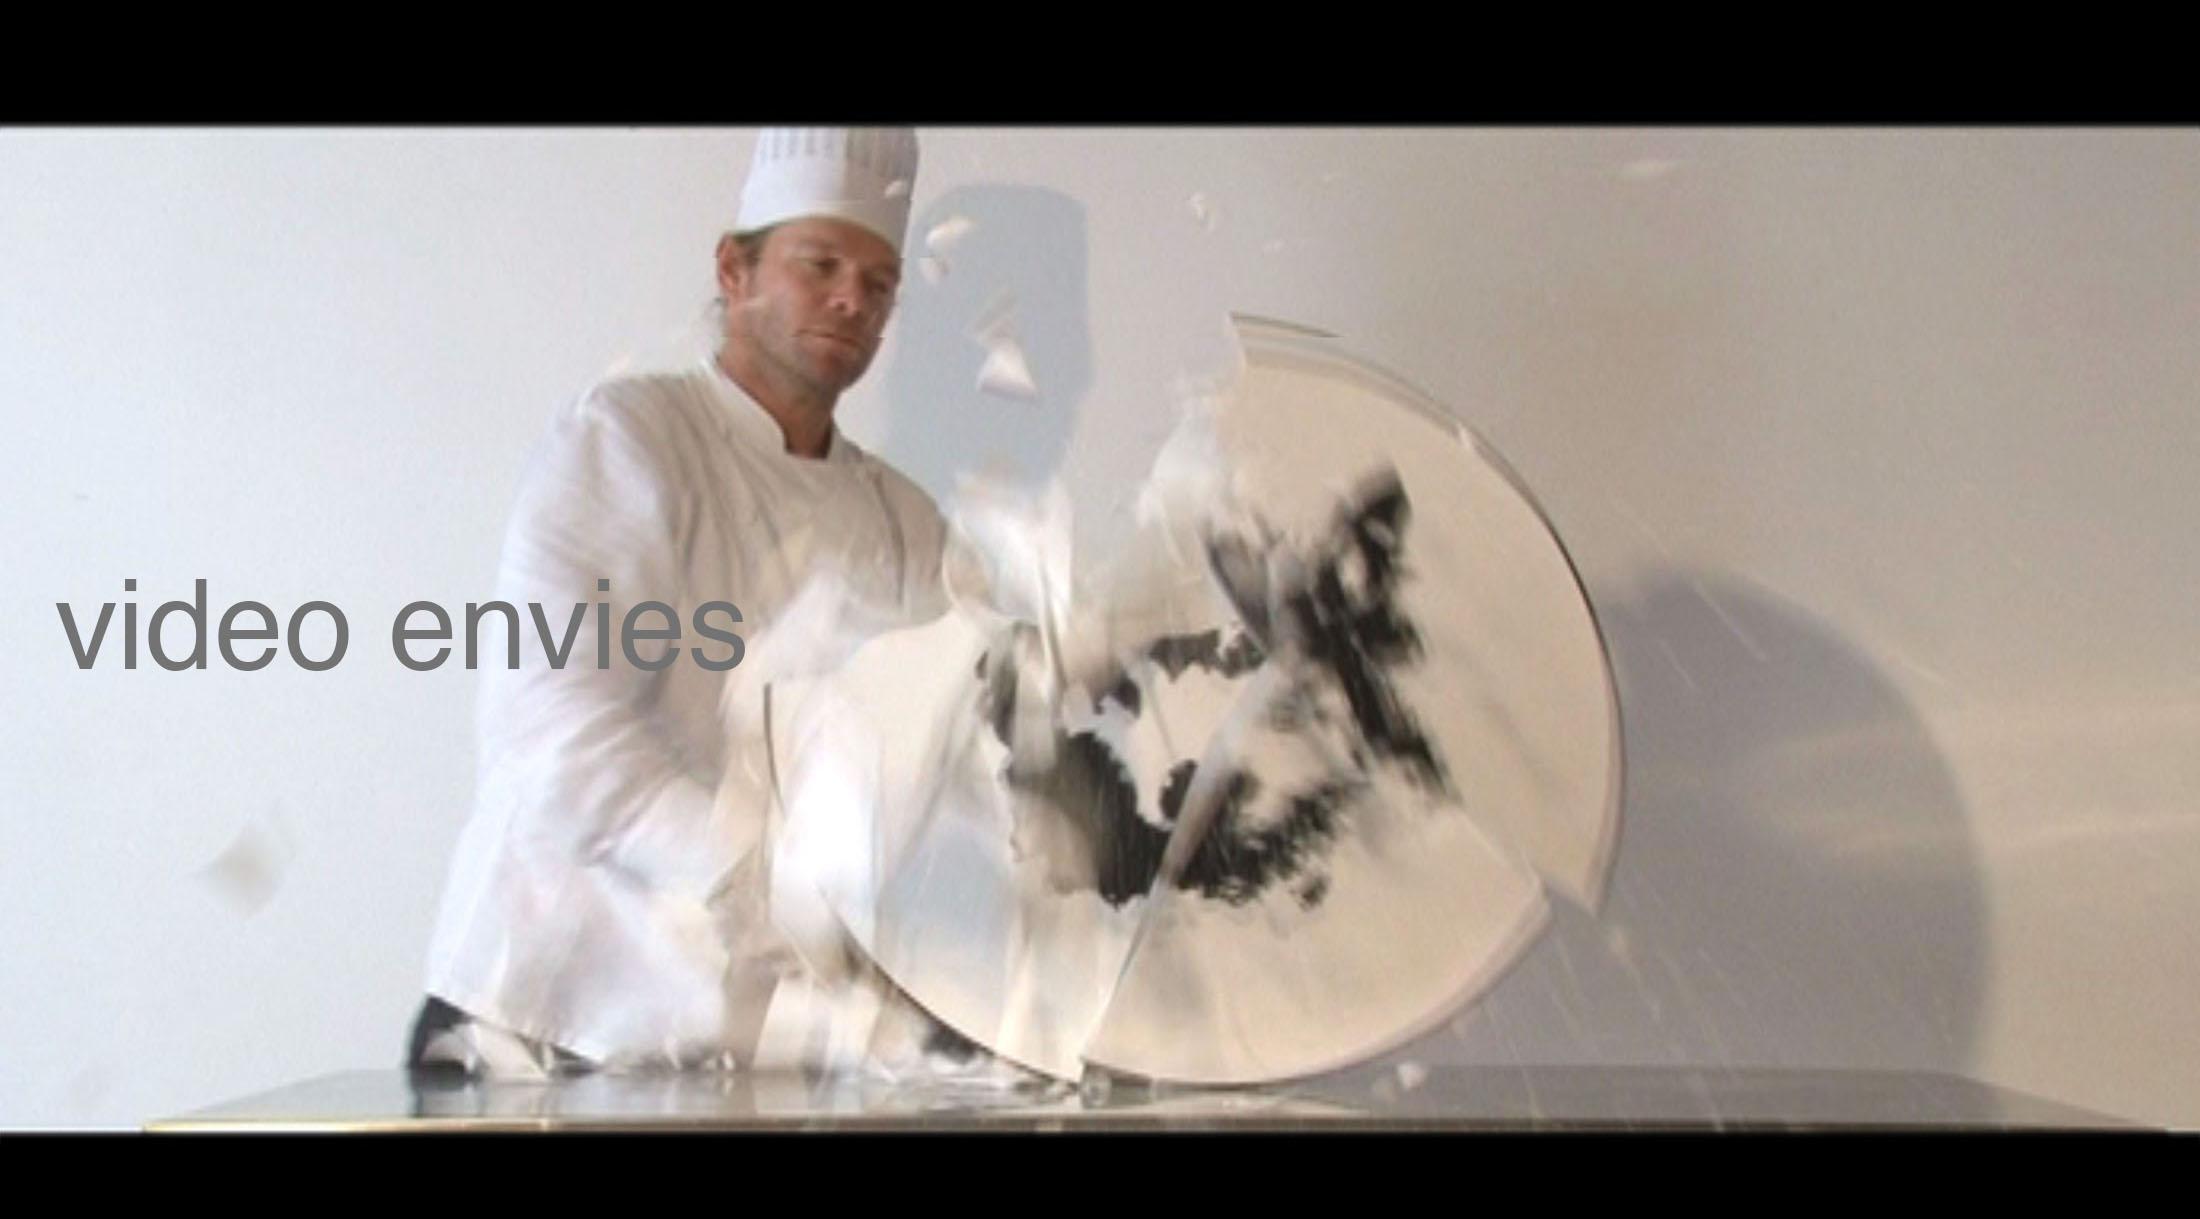 BRANCUS_framevideo_envies_link